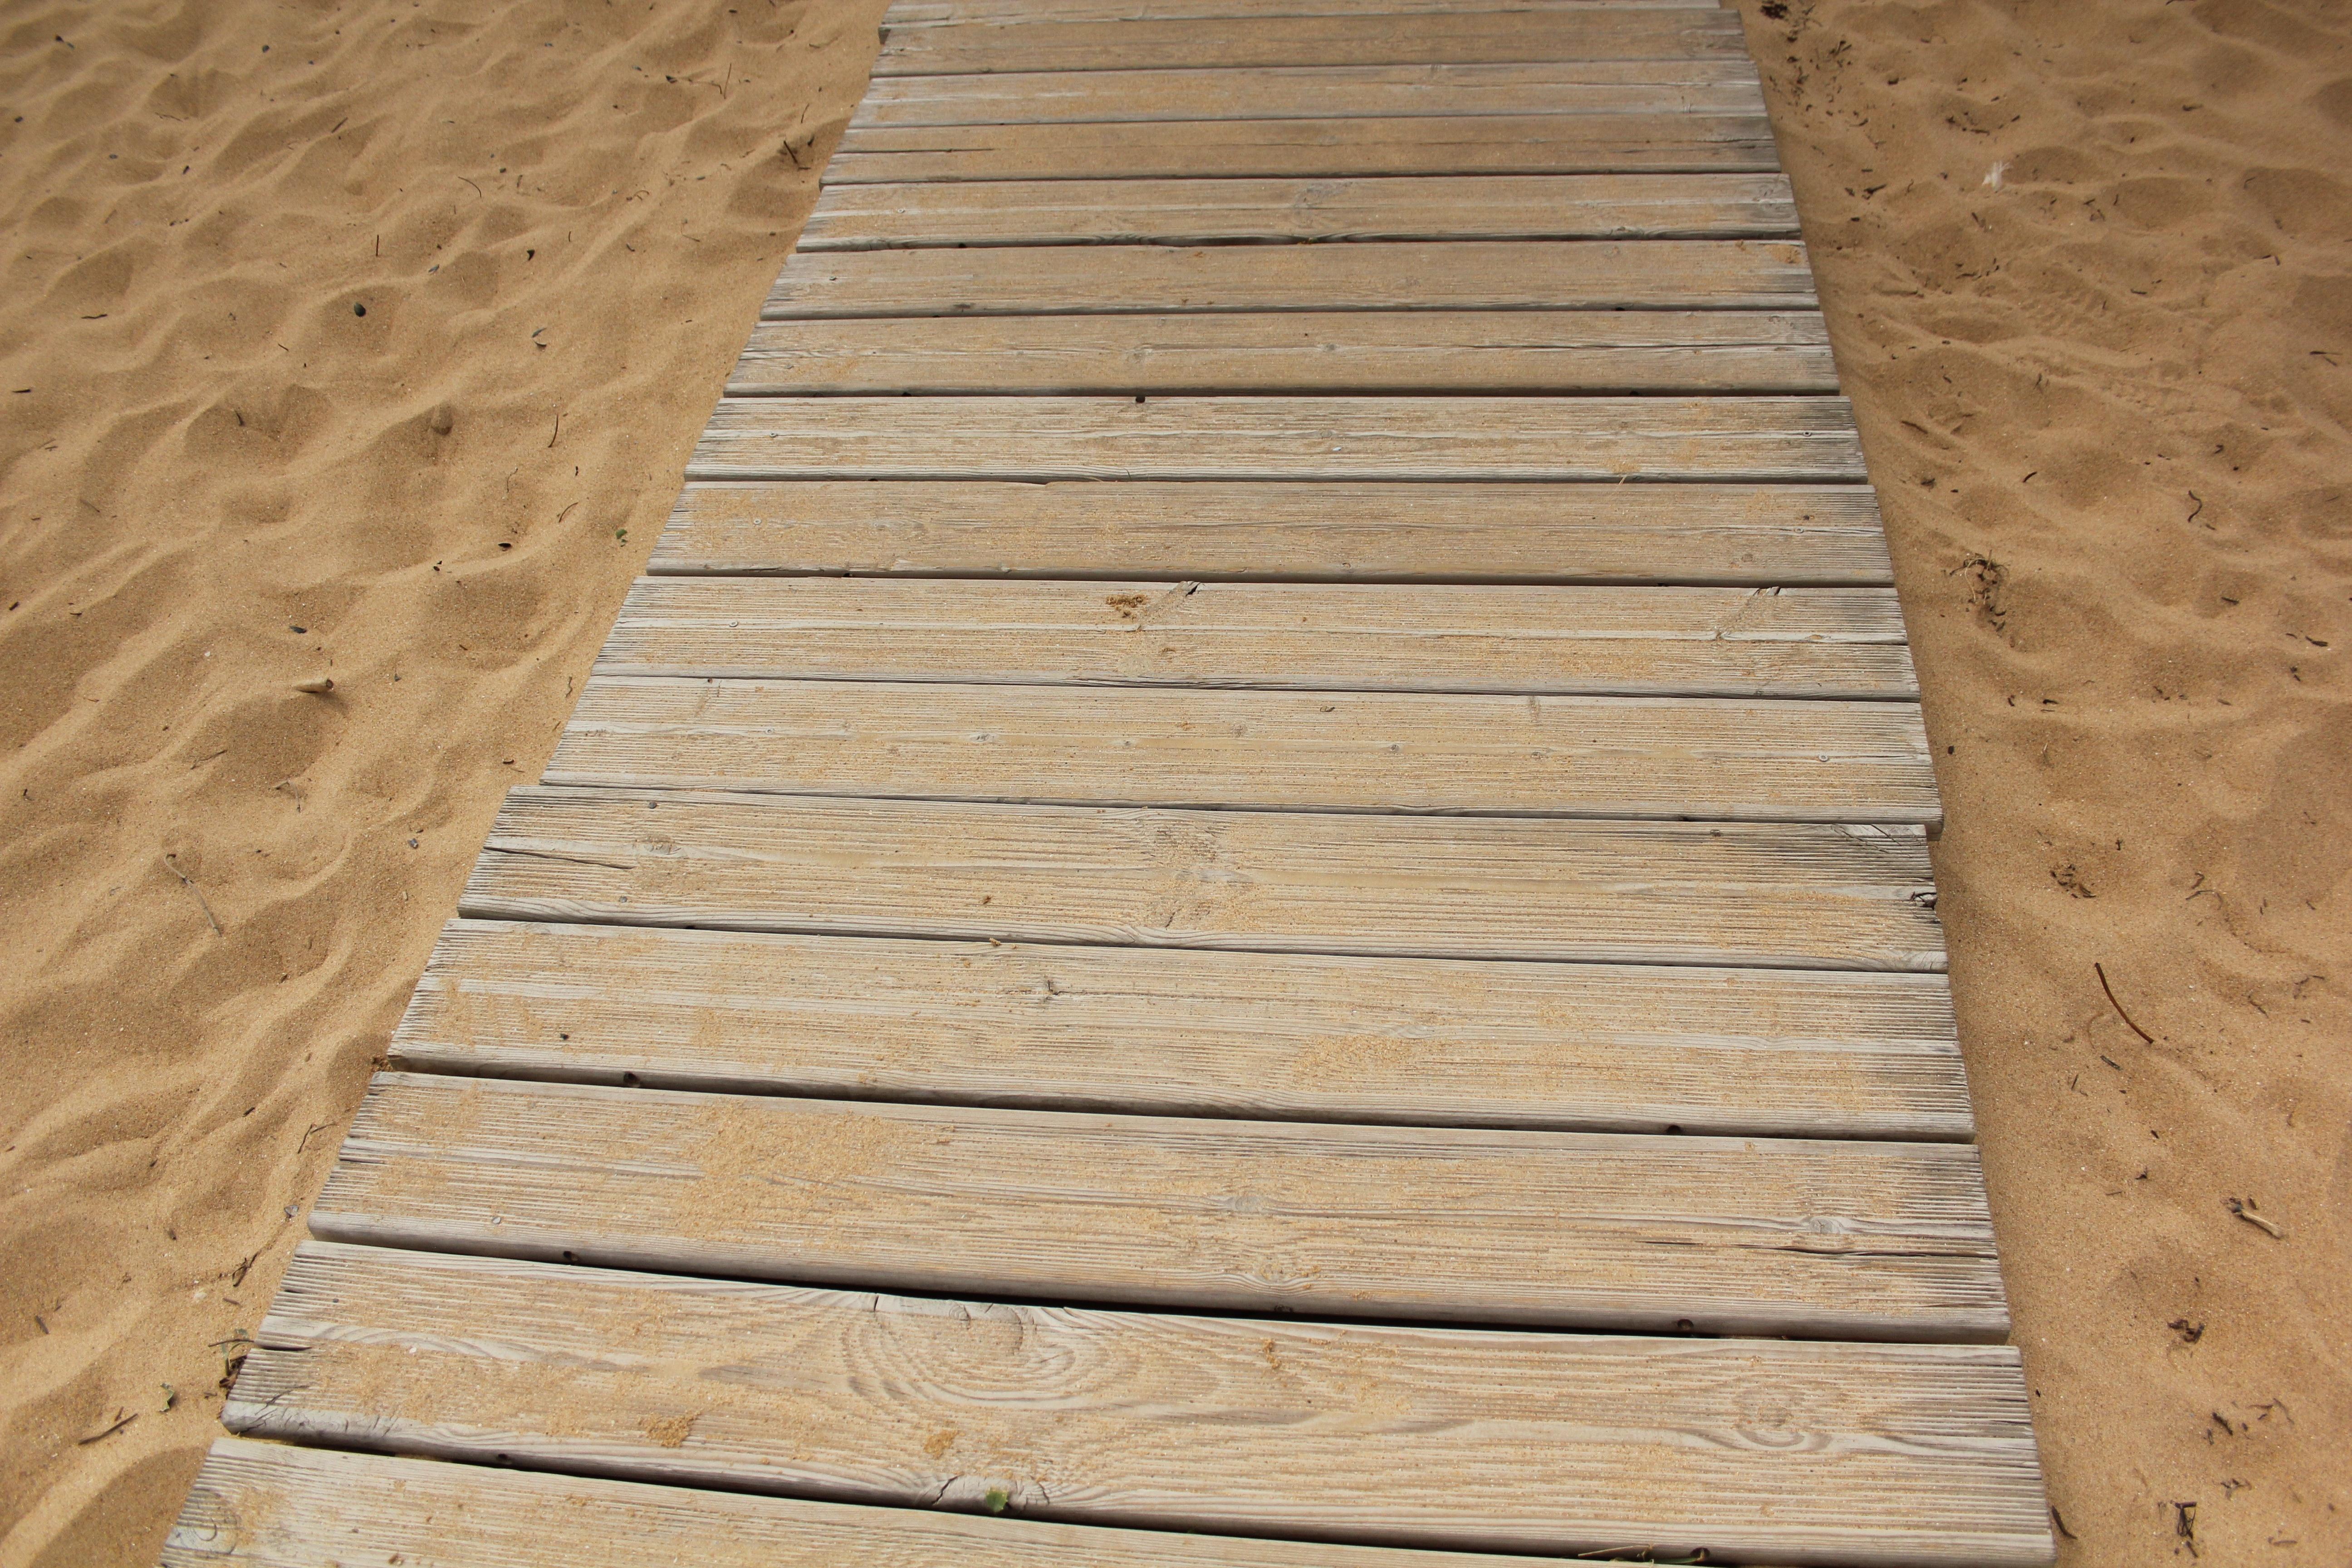 Purpose Planks Walkway : Free images beach sand deck plank floor walkway